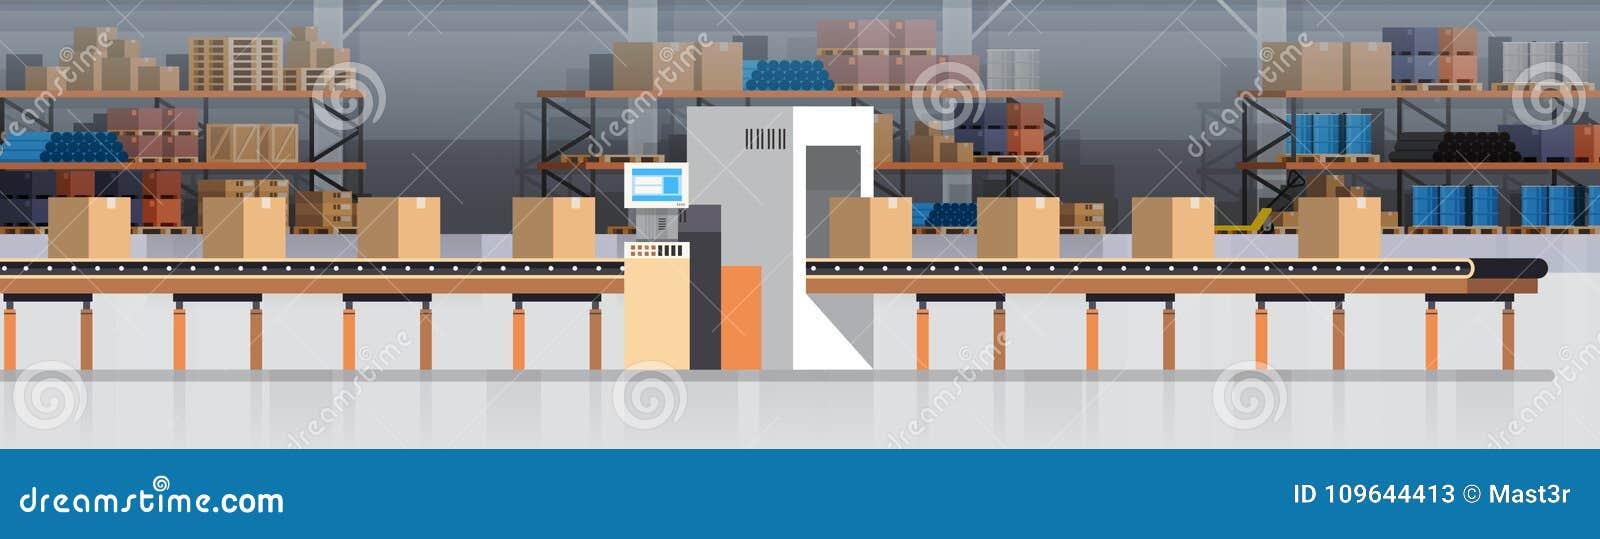 制造业仓库传动机,现代汇编生产线工业传动机生产